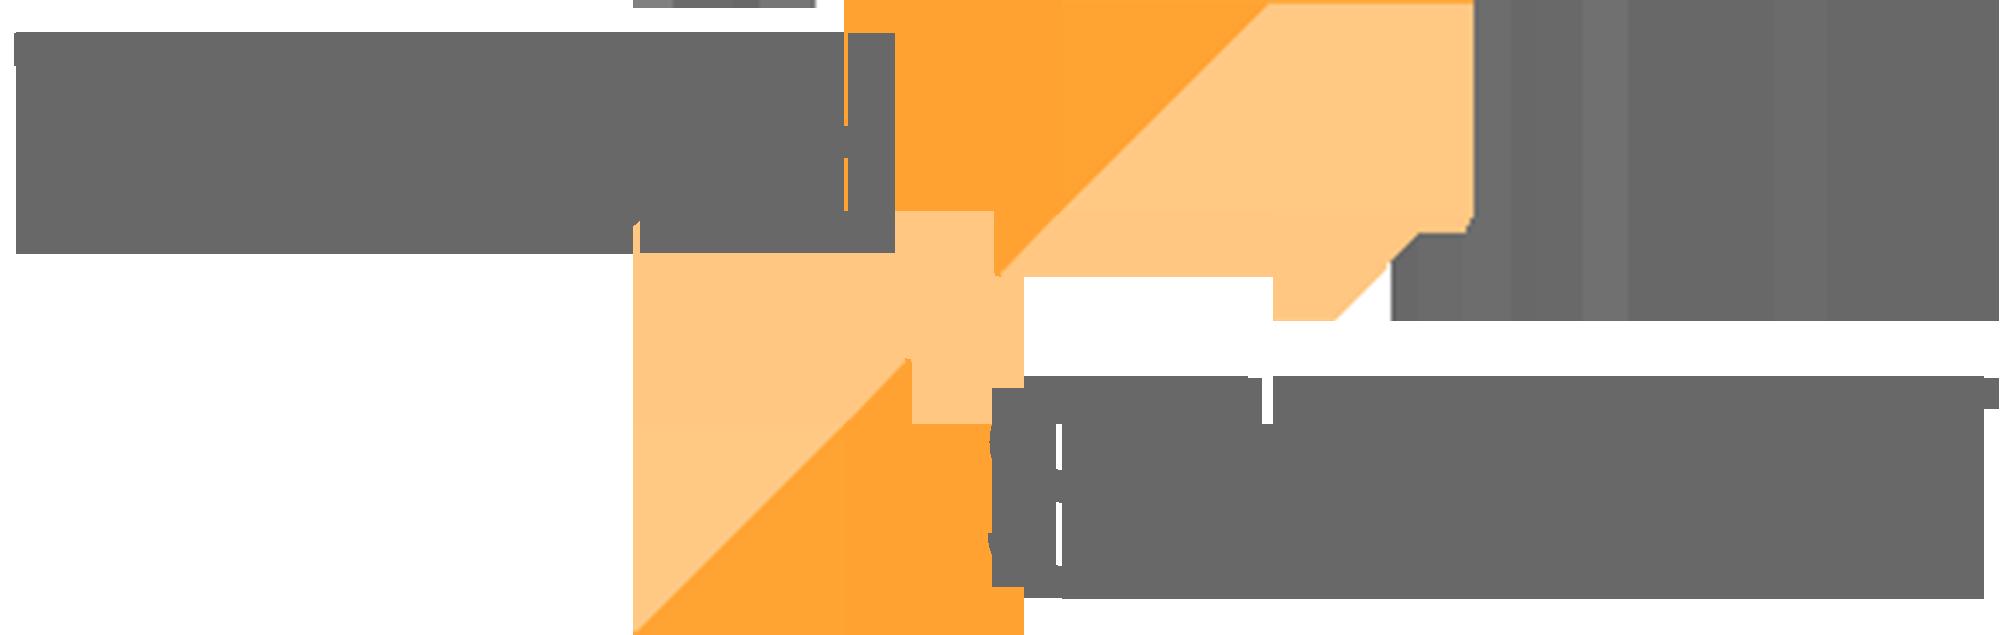 Logo do TechShift, uma aliança global de organizações como o Tecs, que juntam tecnologia e sociedade